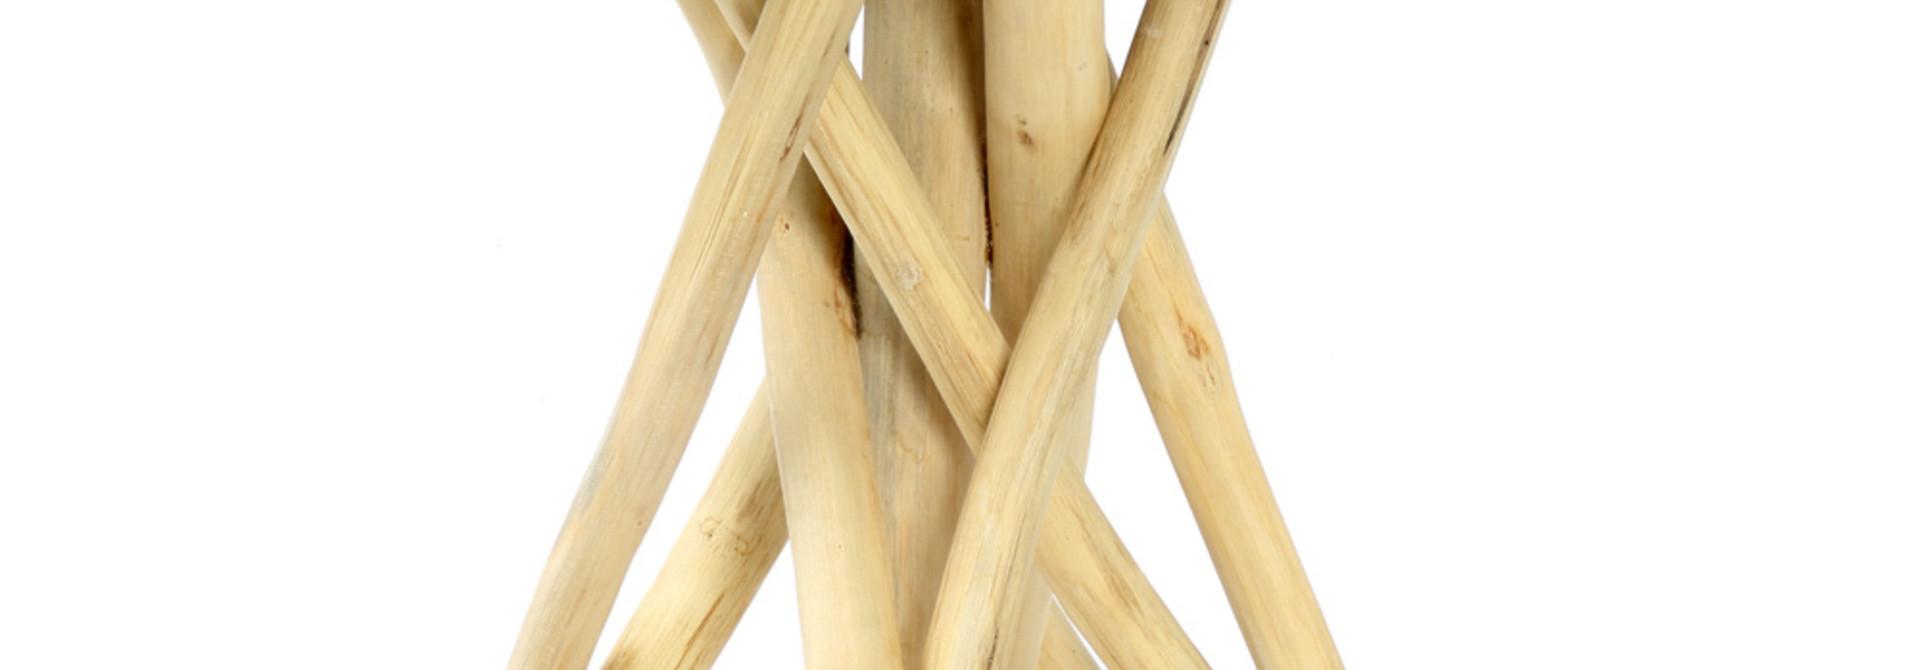 Tulum Tropic Tafel Teak - 45 cm